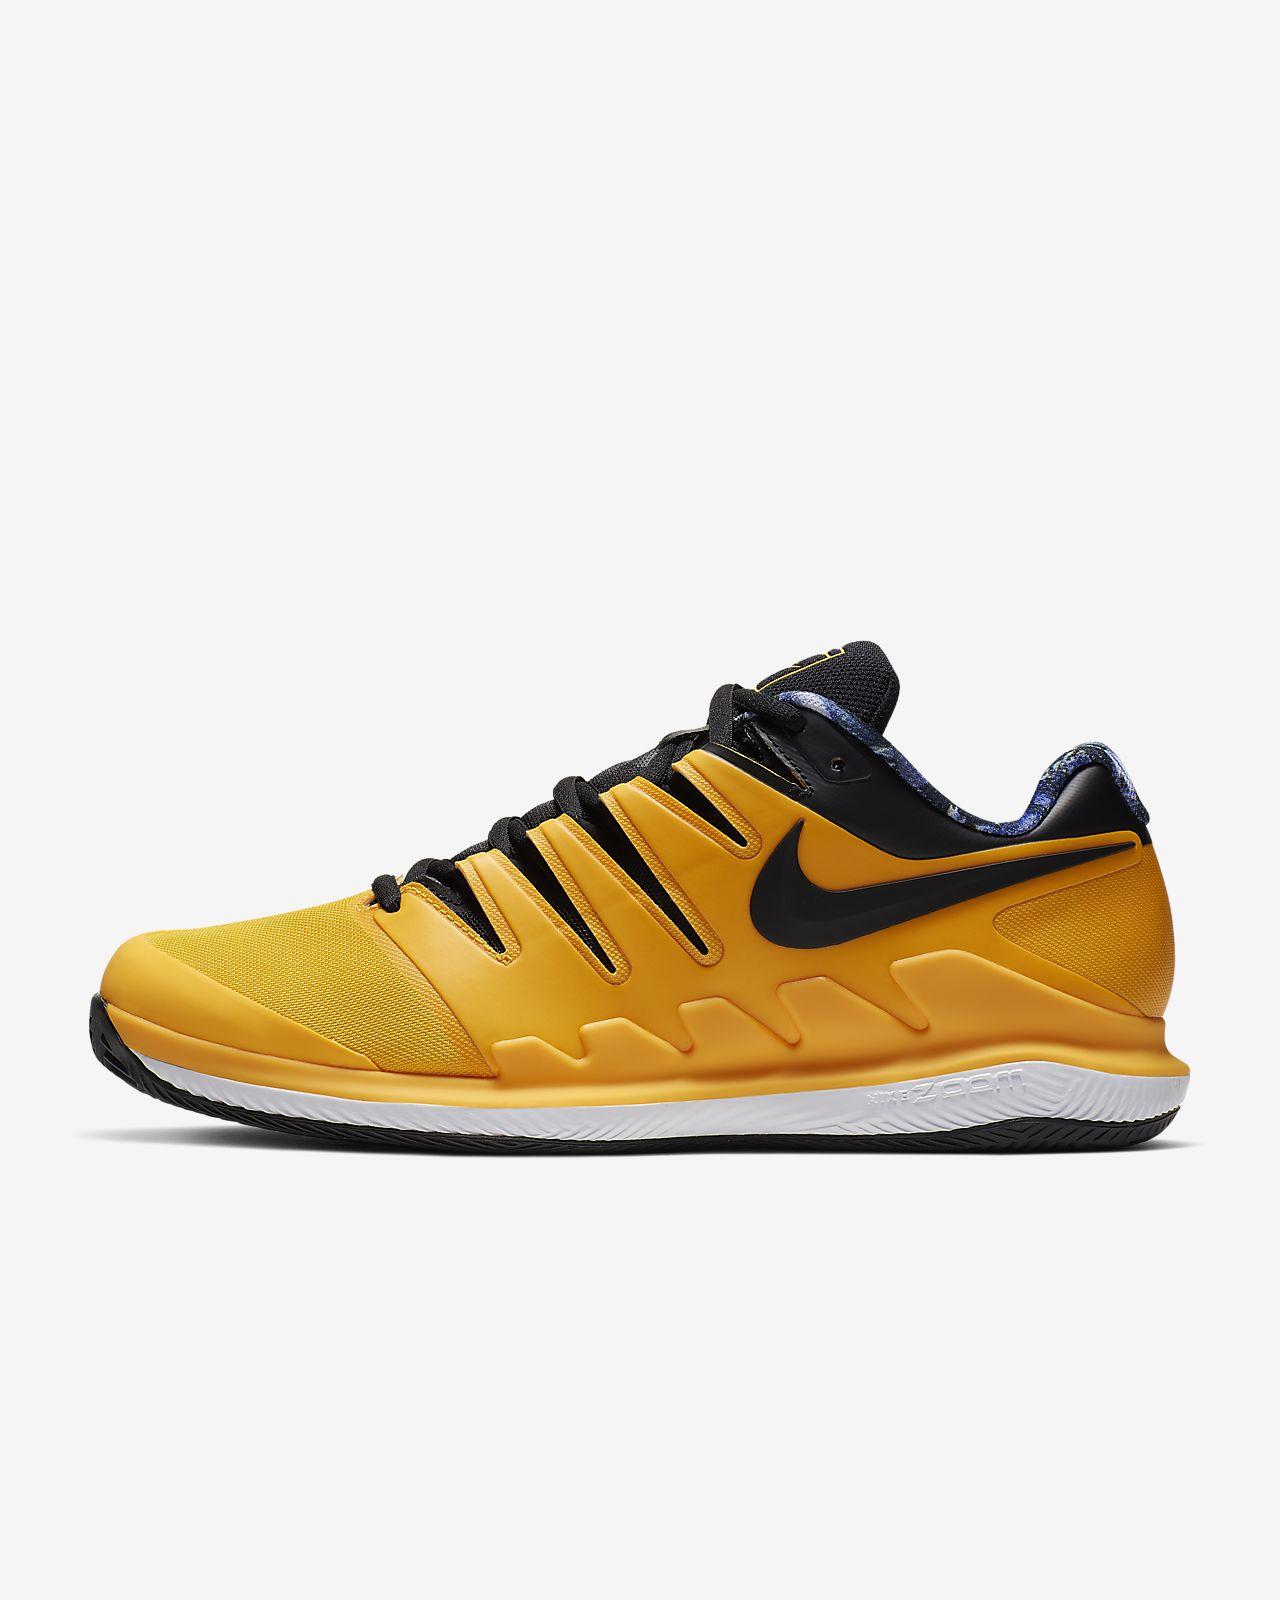 NikeCourt Air Zoom Vapor X Herren-Tennisschuh für Sandplätze